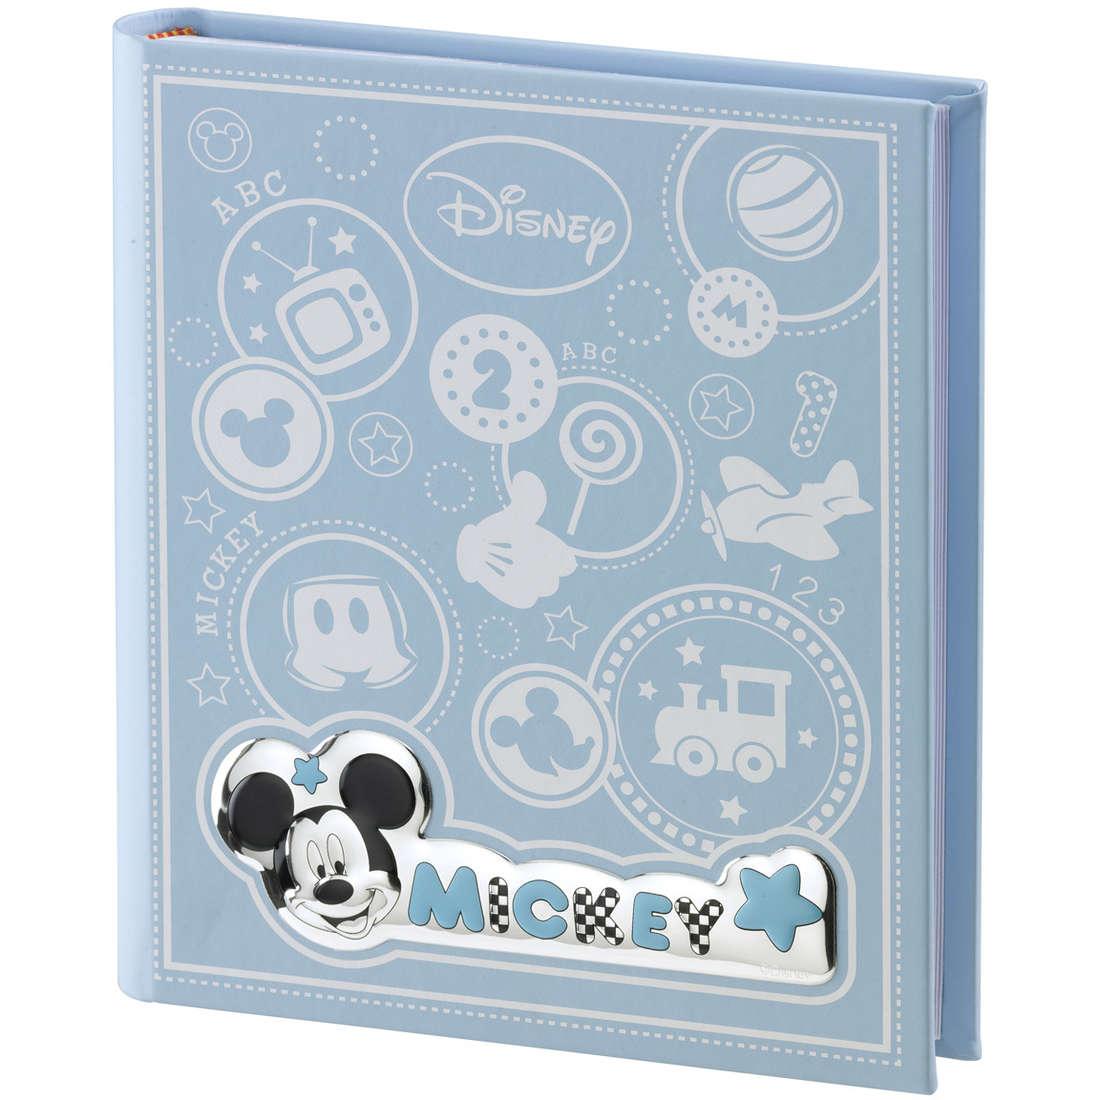 Cornici Valenti, album mickey mouse, della D153 2C